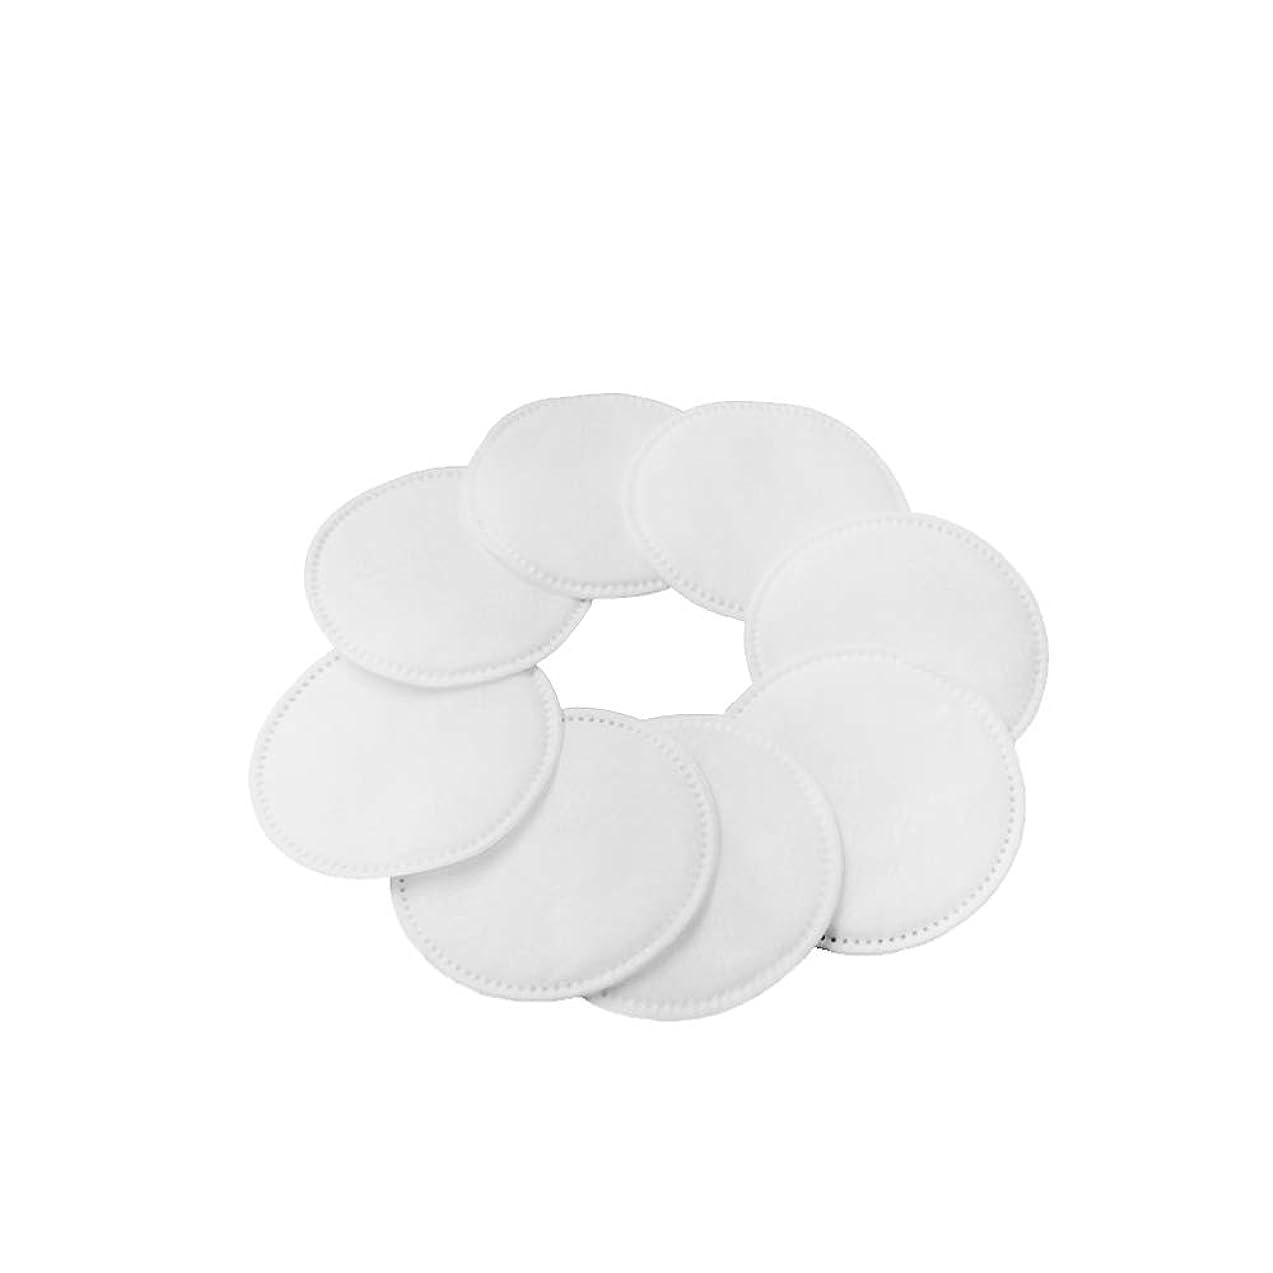 促すひそかにトレースAmyou 再利用可能なメイクアップリムーバーパッド、洗濯可能な竹の綿の授乳クッション、洗濯毛布、ソフトとフェイススキンケアウォッシュ布袋 - フェイスワイプ/アイクリエーション